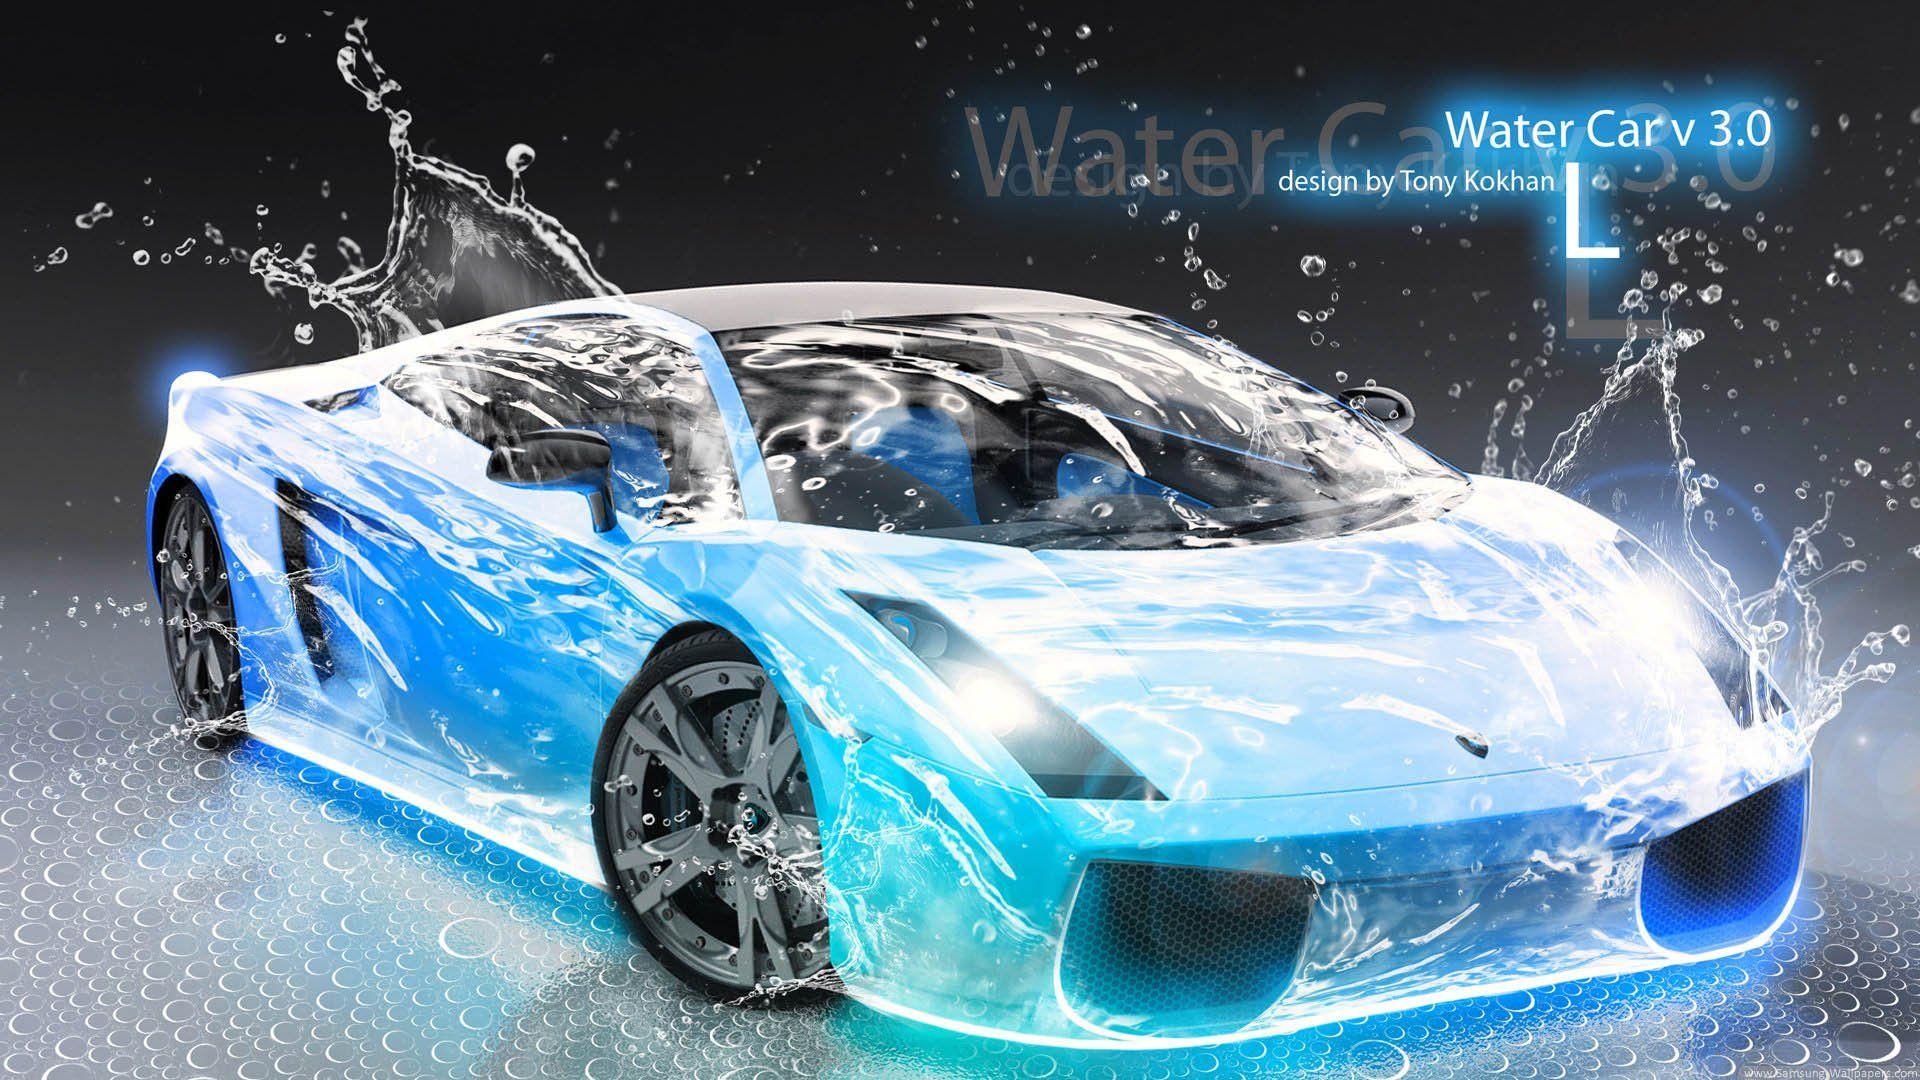 bcaf260d56ac1352591786705478a68e Exciting Lamborghini Huracán Lp 610-4 Cena Cars Trend